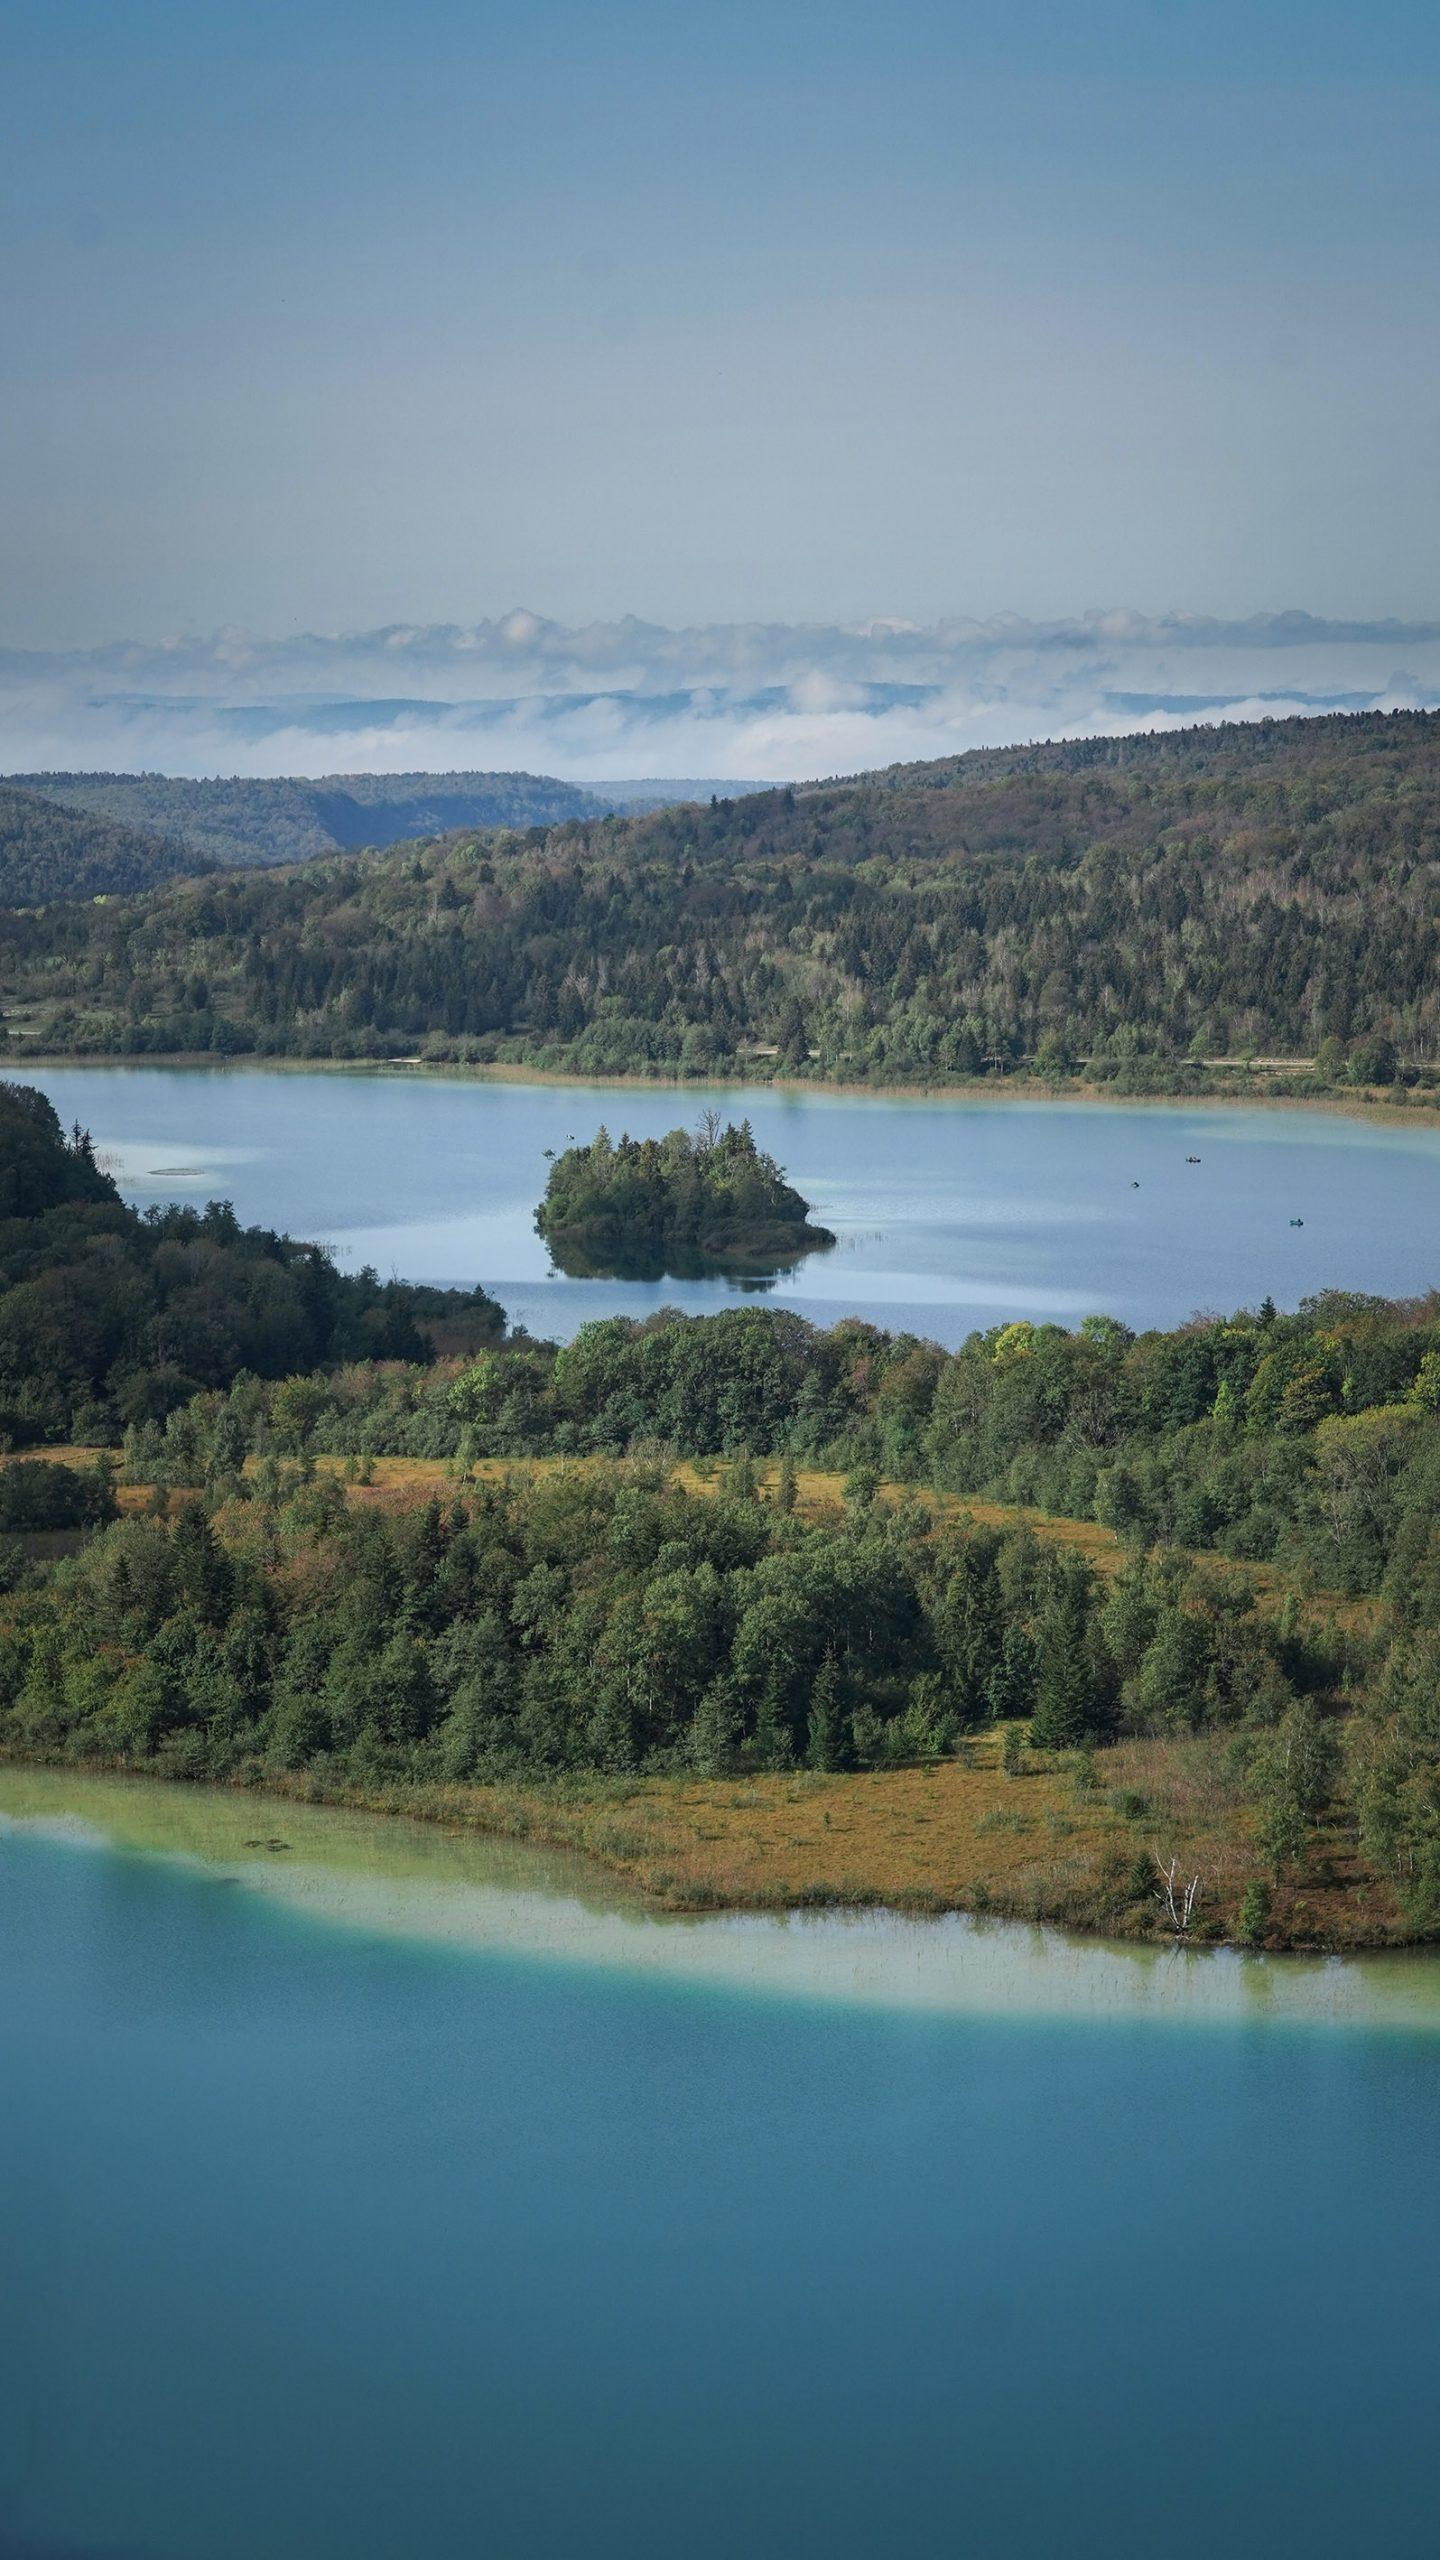 Lac Ilay Maclu belvédère des 4 lacs motte sapins, nuages